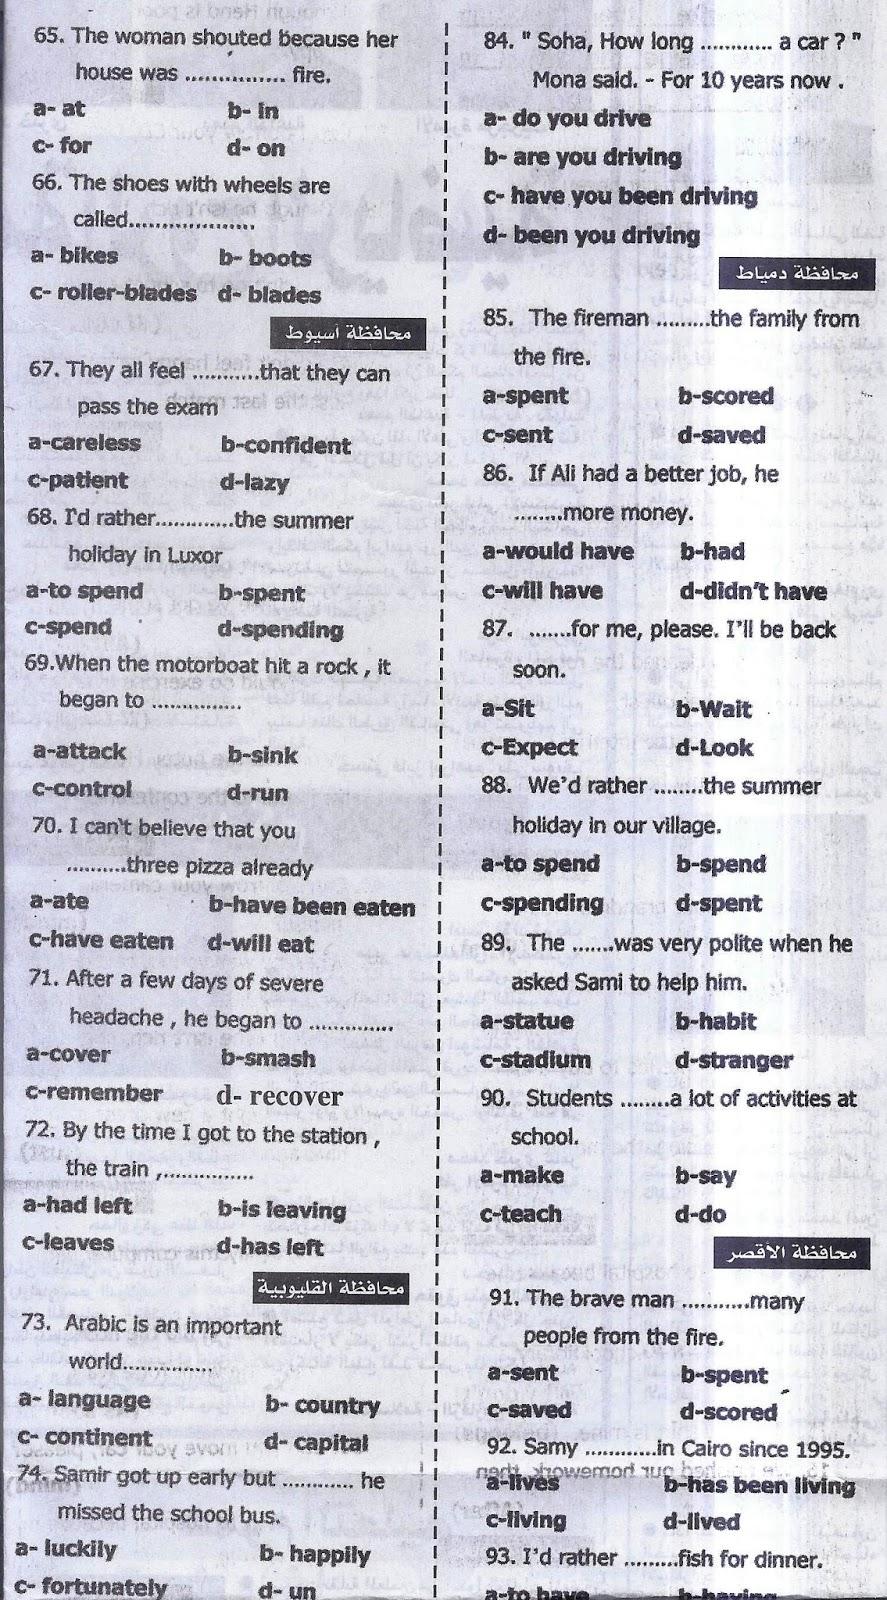 أهم أسئلة اللغة الإنجليزية المتوقعة فى امتحان نصف العام للشهادة الإعدادية بالاجابات - ملحق الجمهورية التعليمي 3